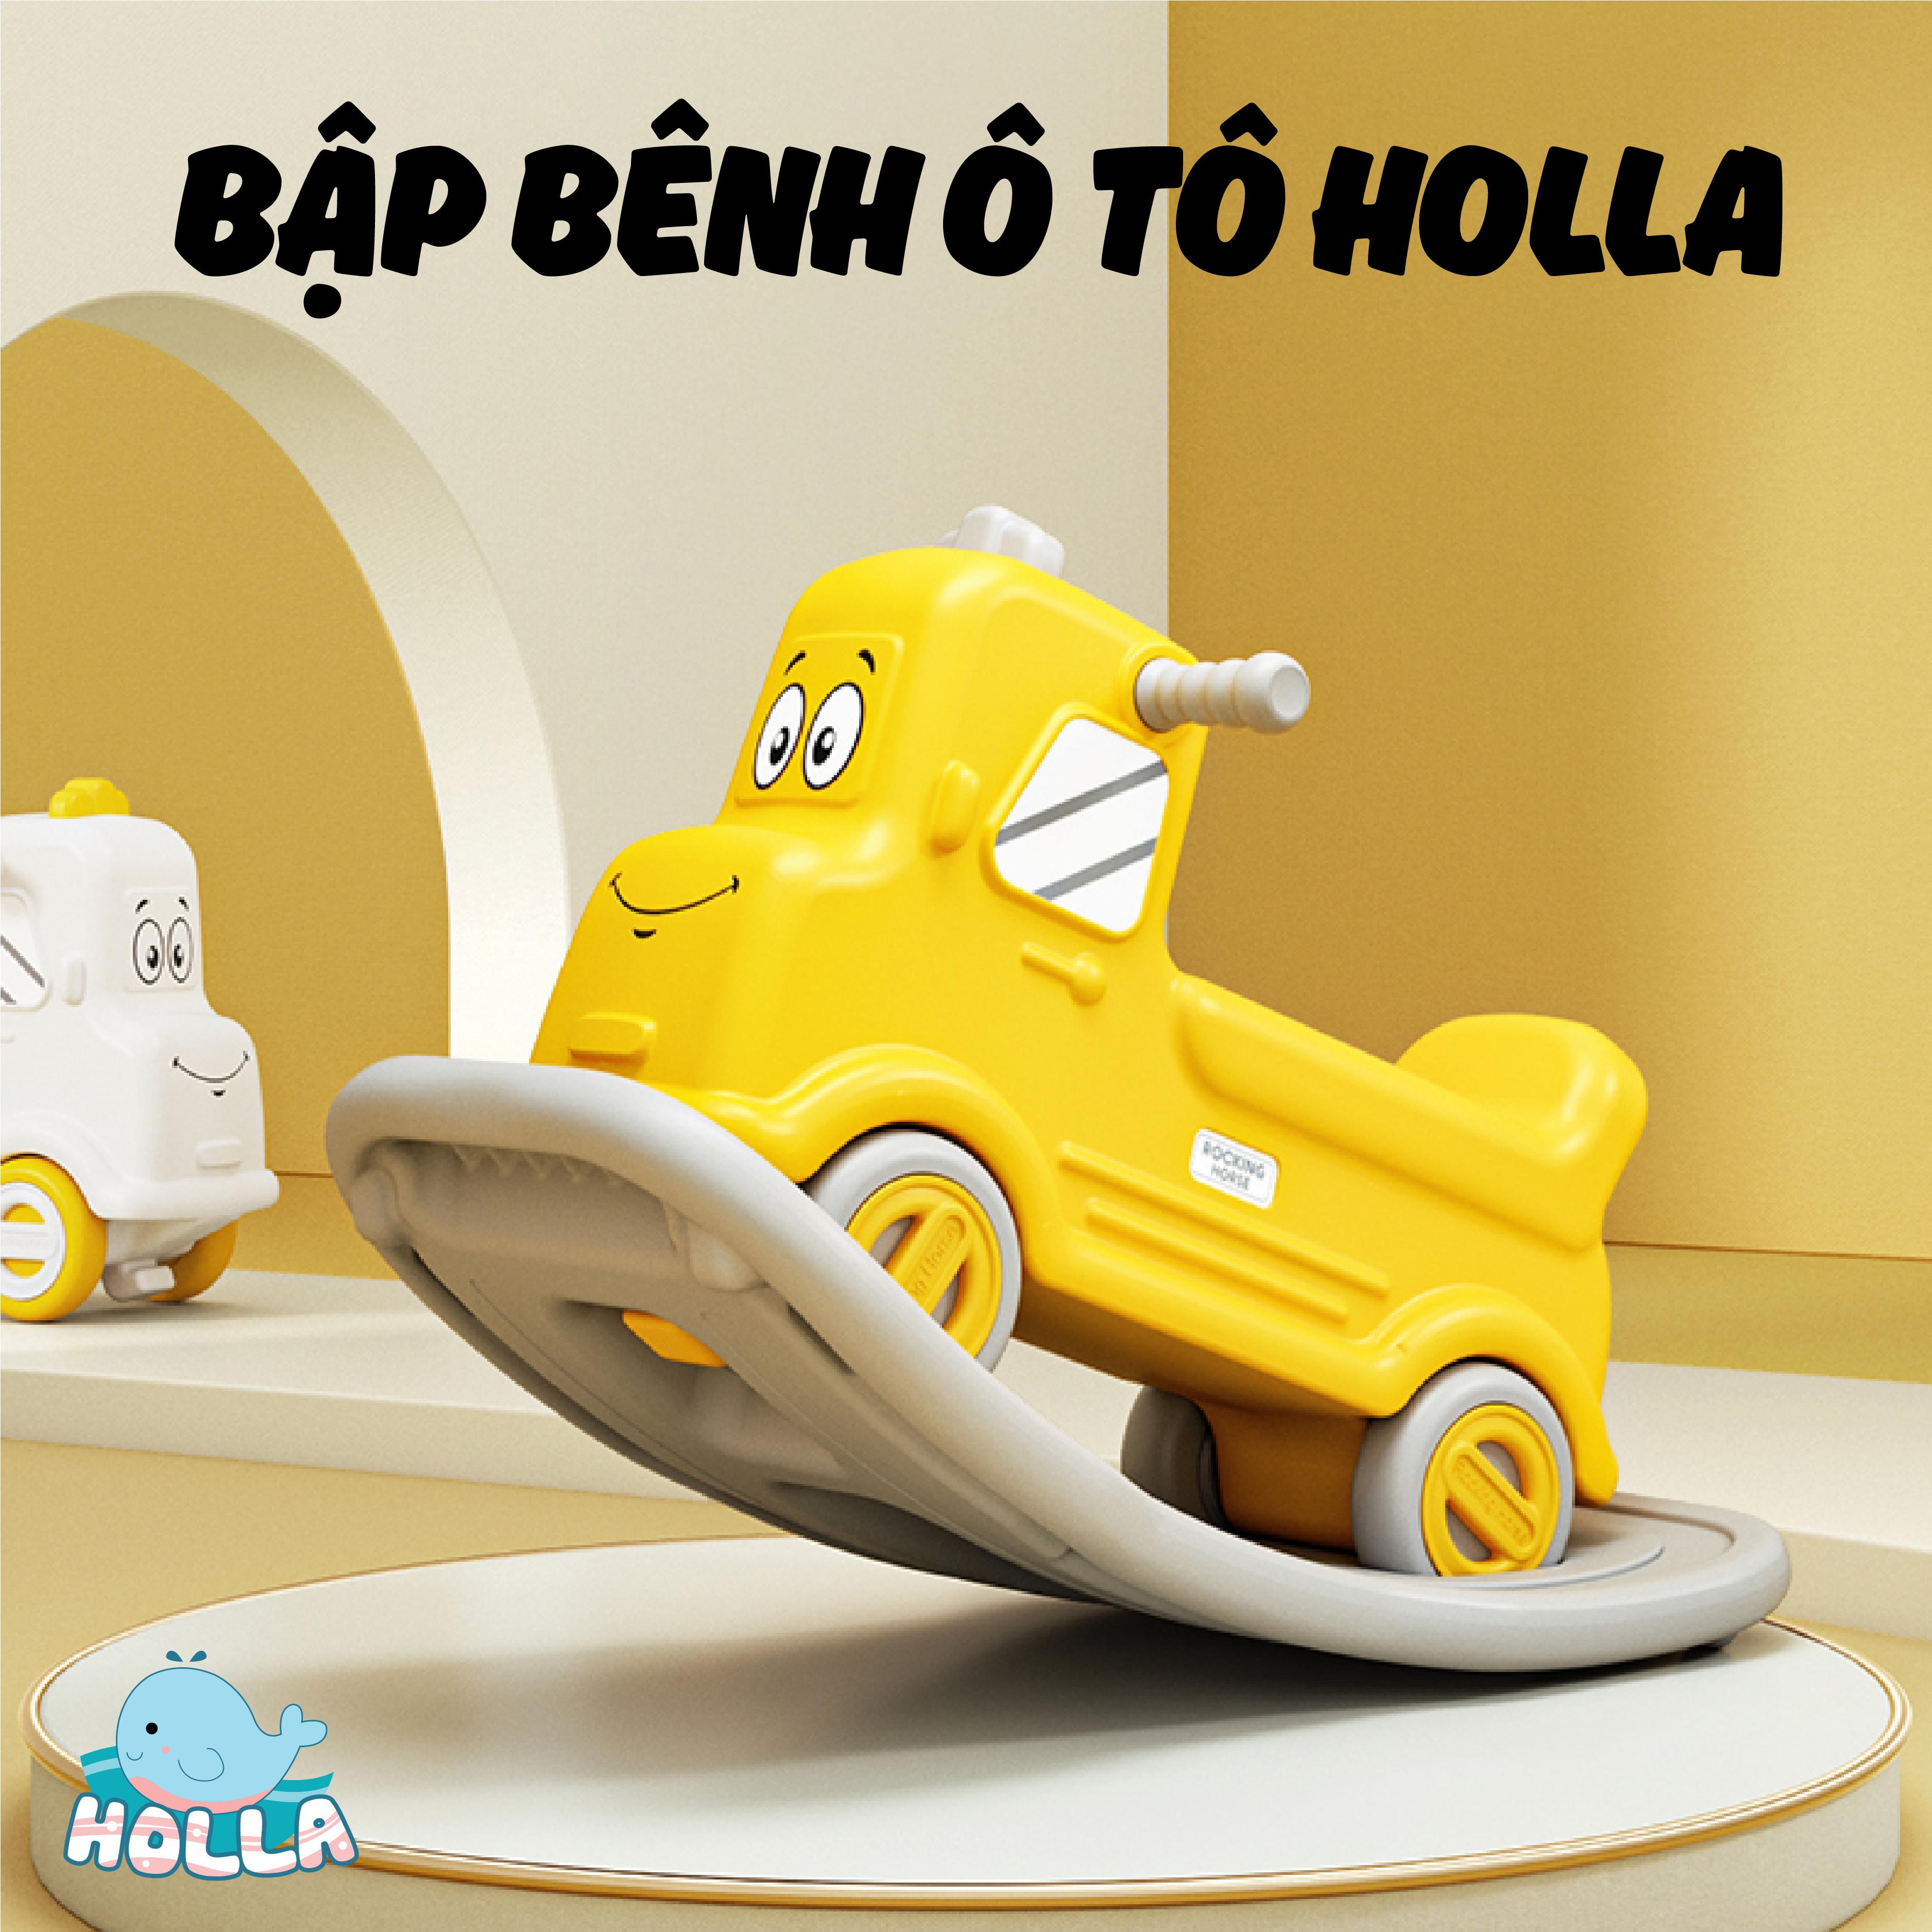 Bập bênh ô tô Holla đa năng kiêm xe chòi chân cho bé yêu?